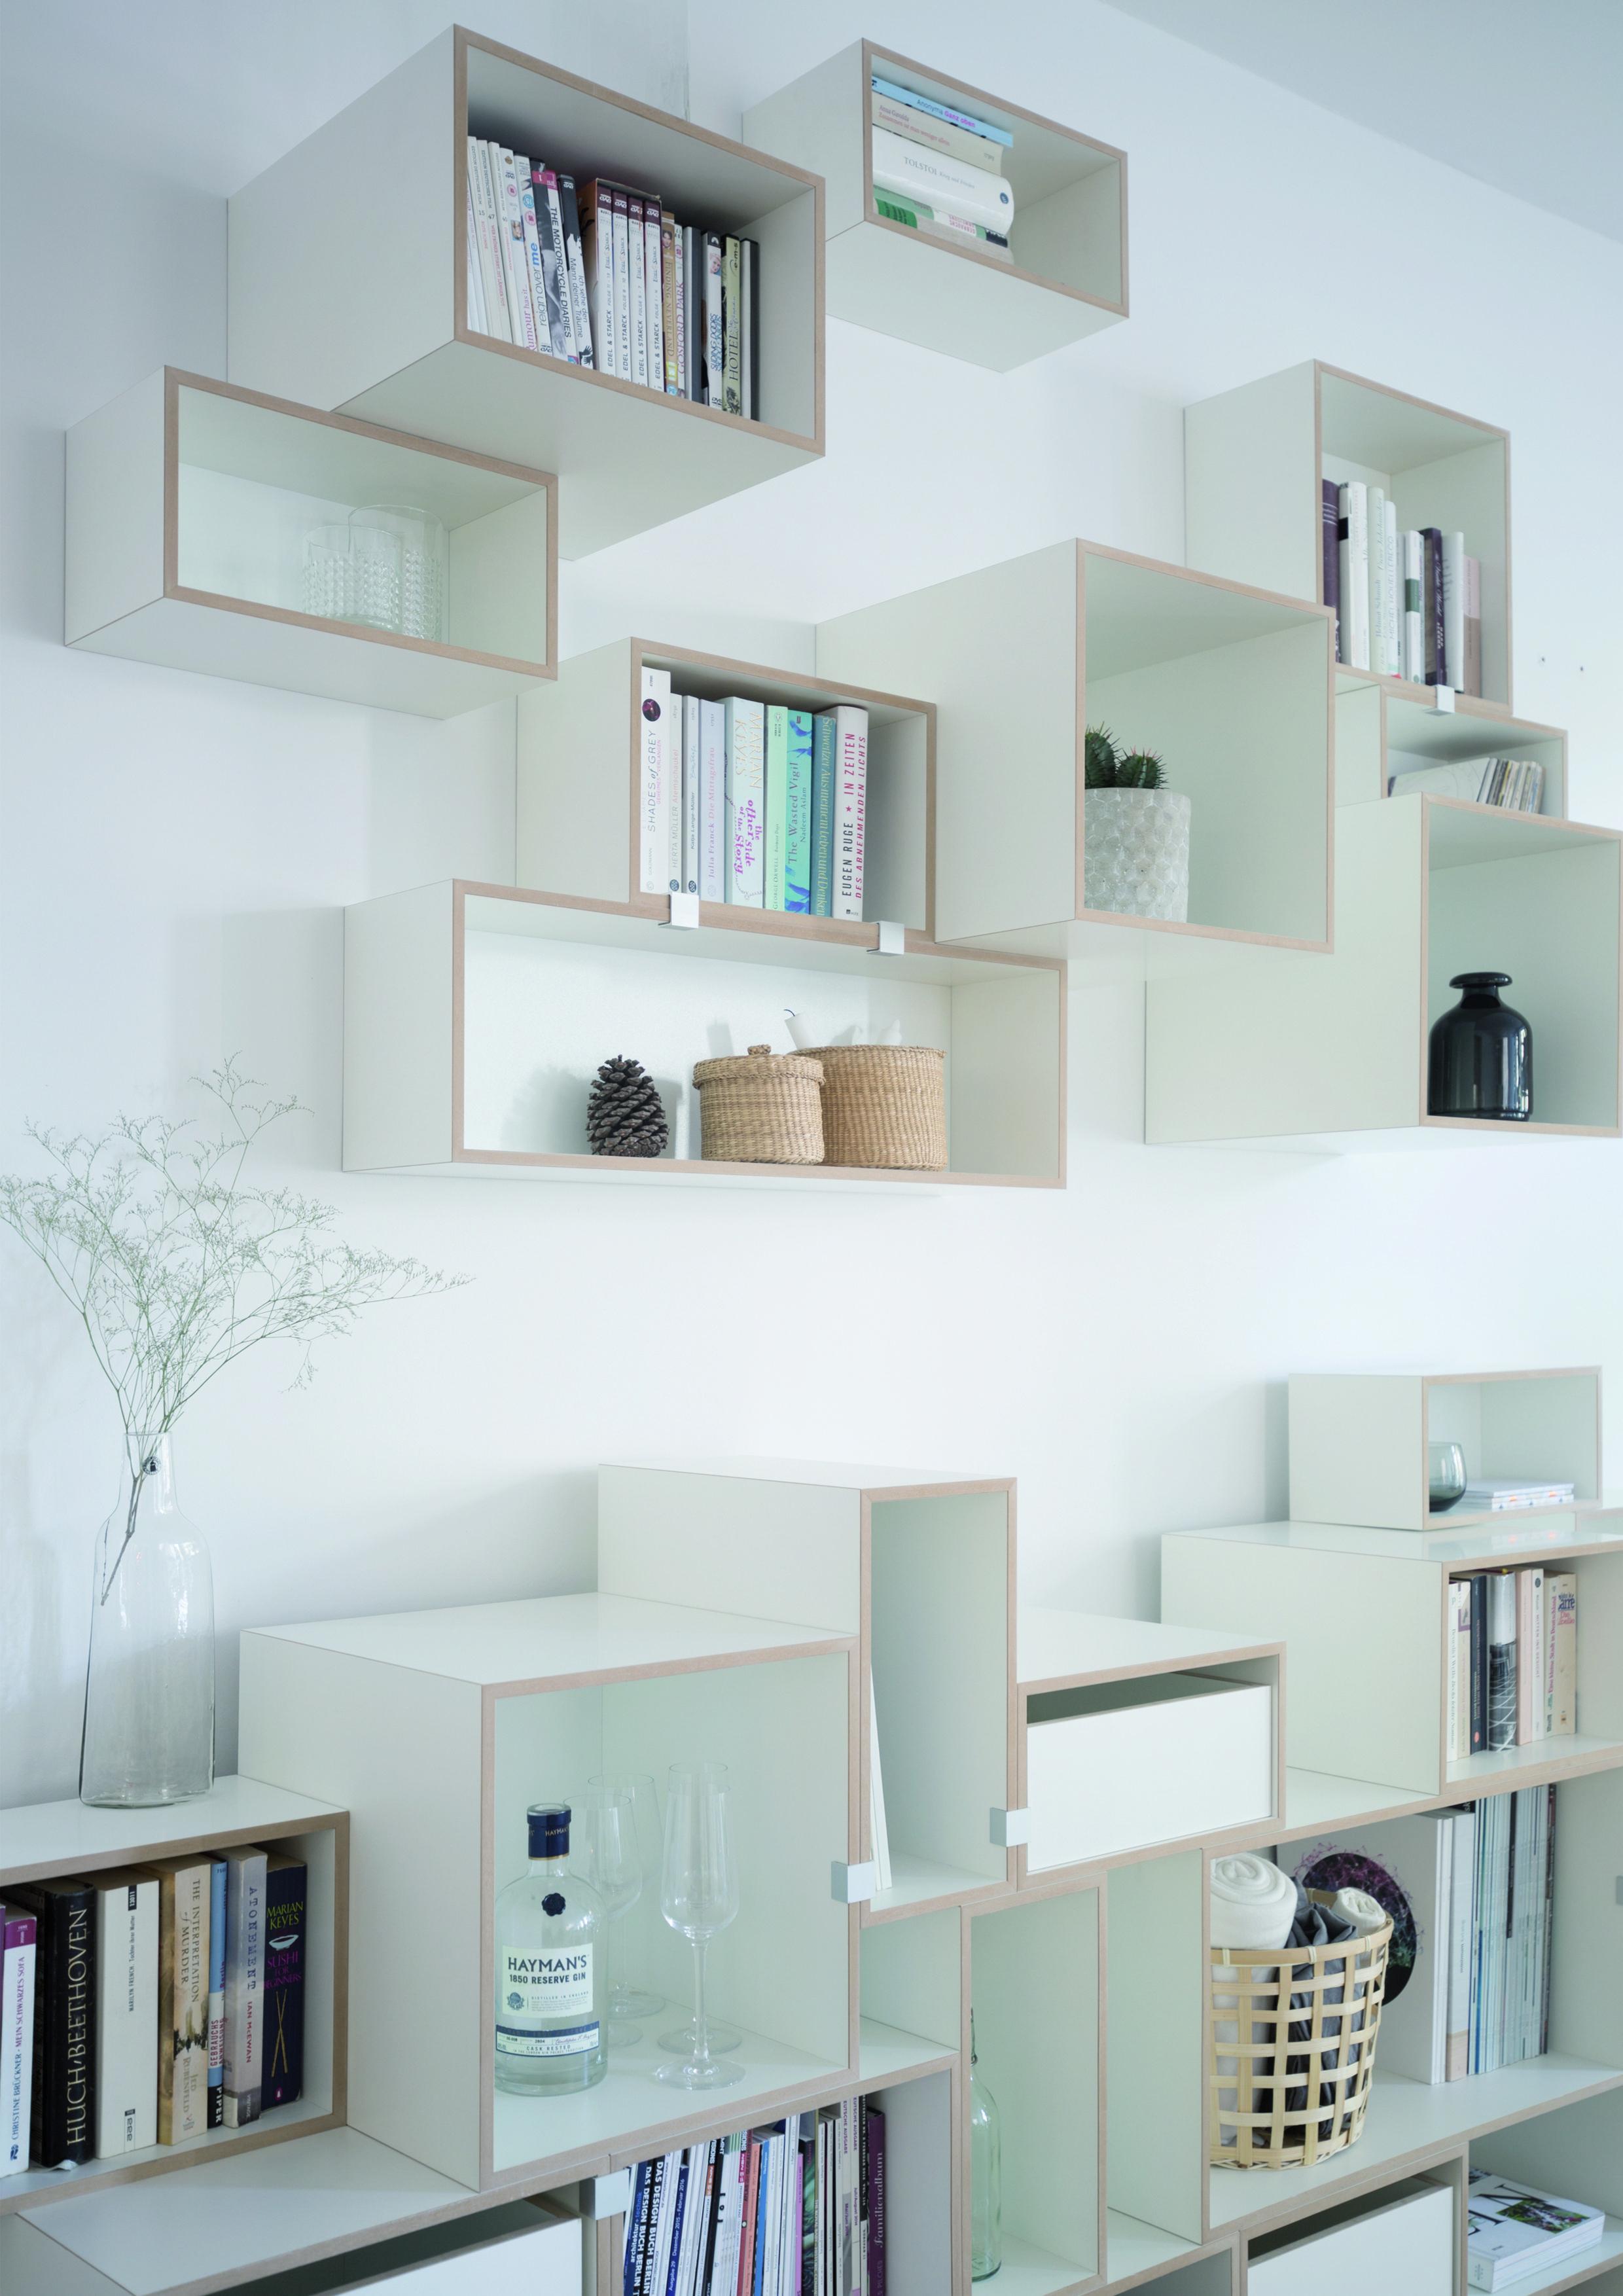 Wohnzimmer Inspiration Regalsystem, Einrichtung, Wohnen ...